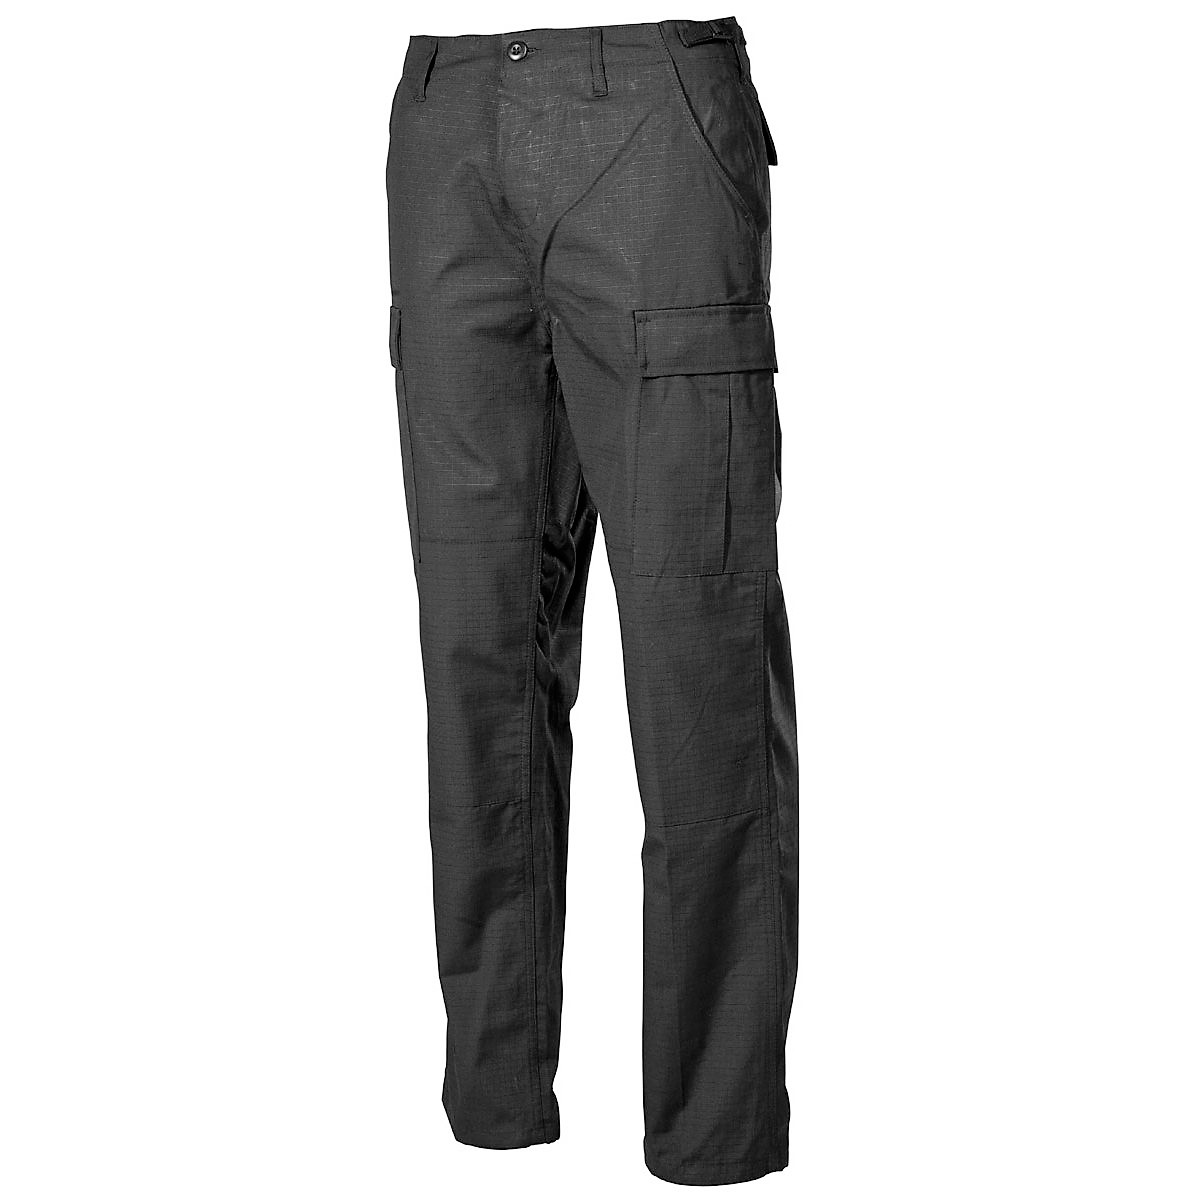 Kalhoty BDU černé ripstop MFH Vyberte velikost: L